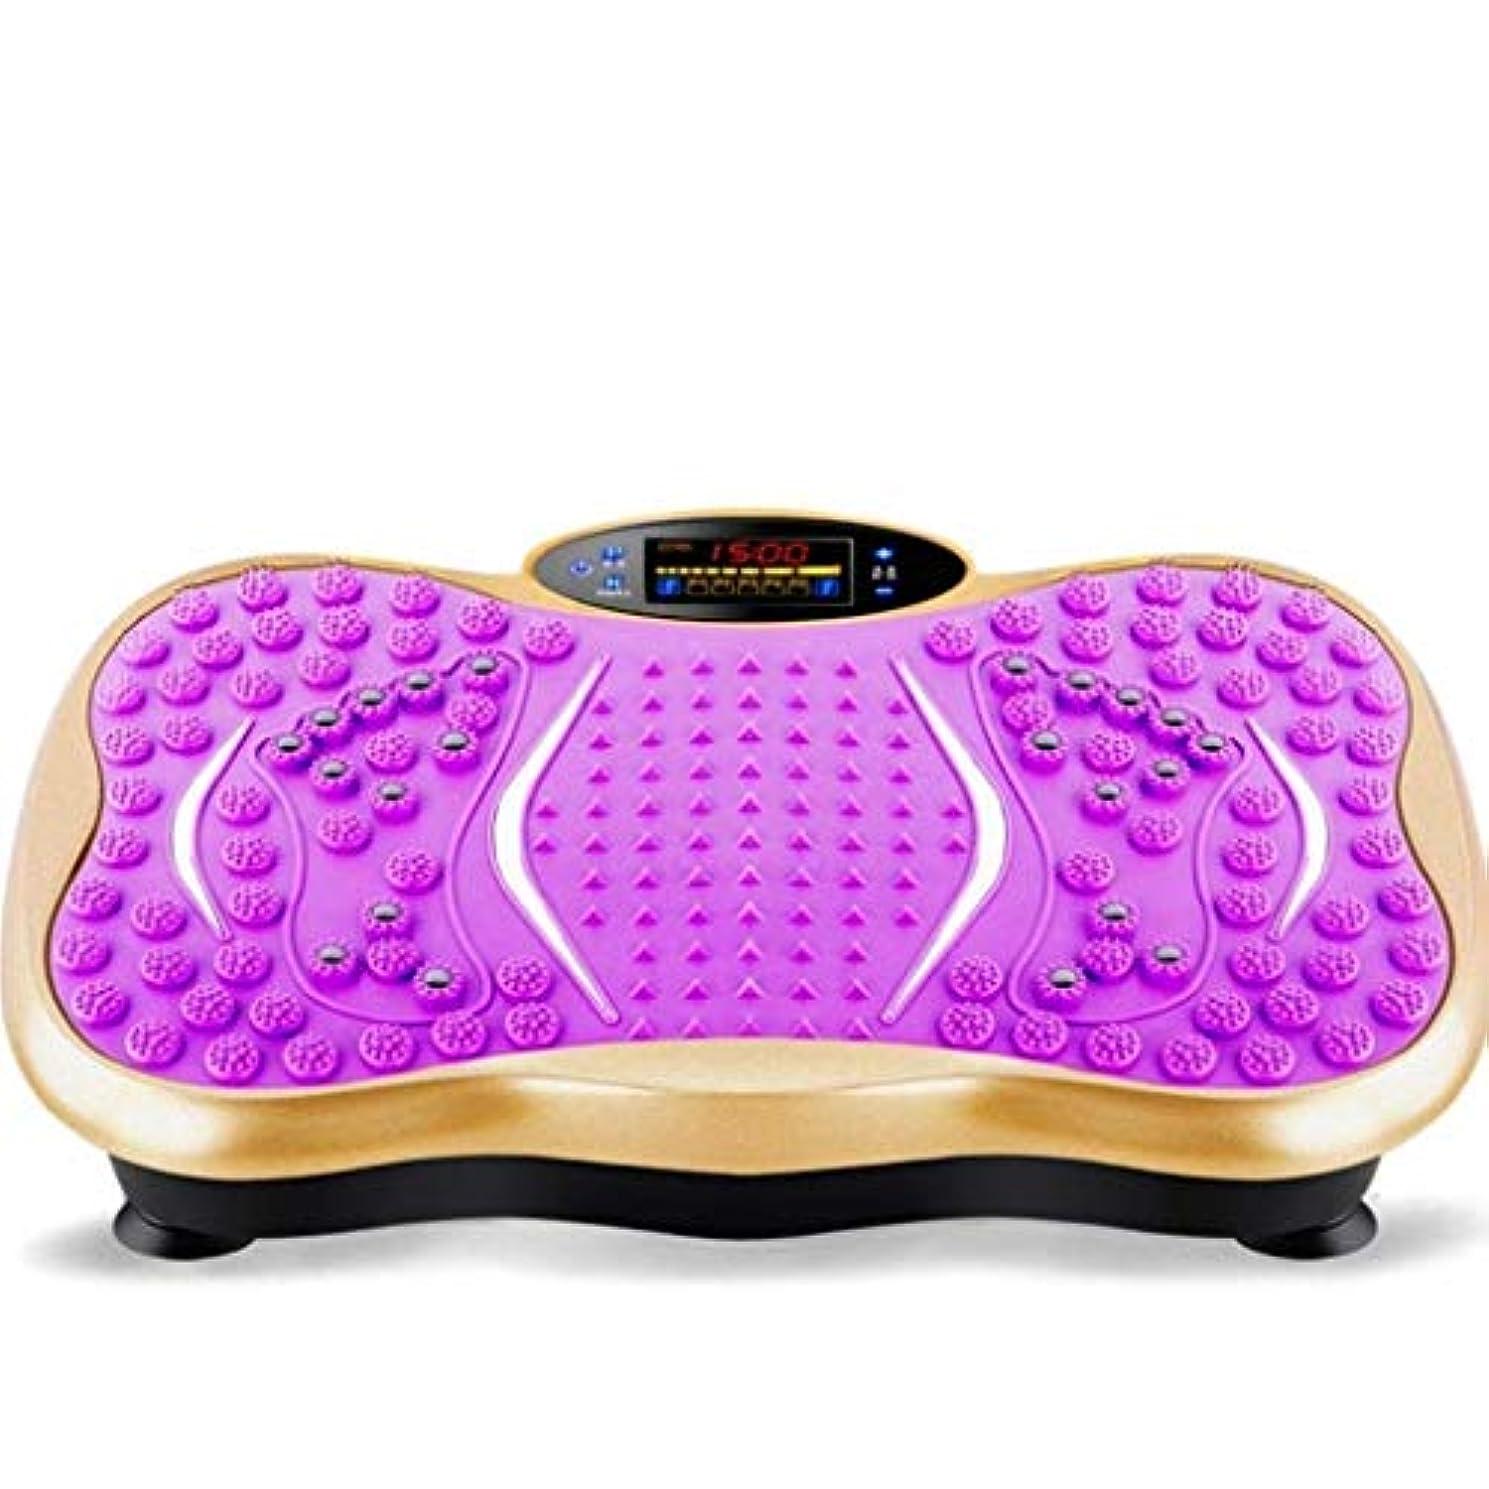 ハンドブックすばらしいですまばたき減量機、減量マッサージ機、モーション振動成形機、家族に適したBluetooth音楽の5つのモード、ユニセックス振動トレーナー、減量 (Color : 紫の)